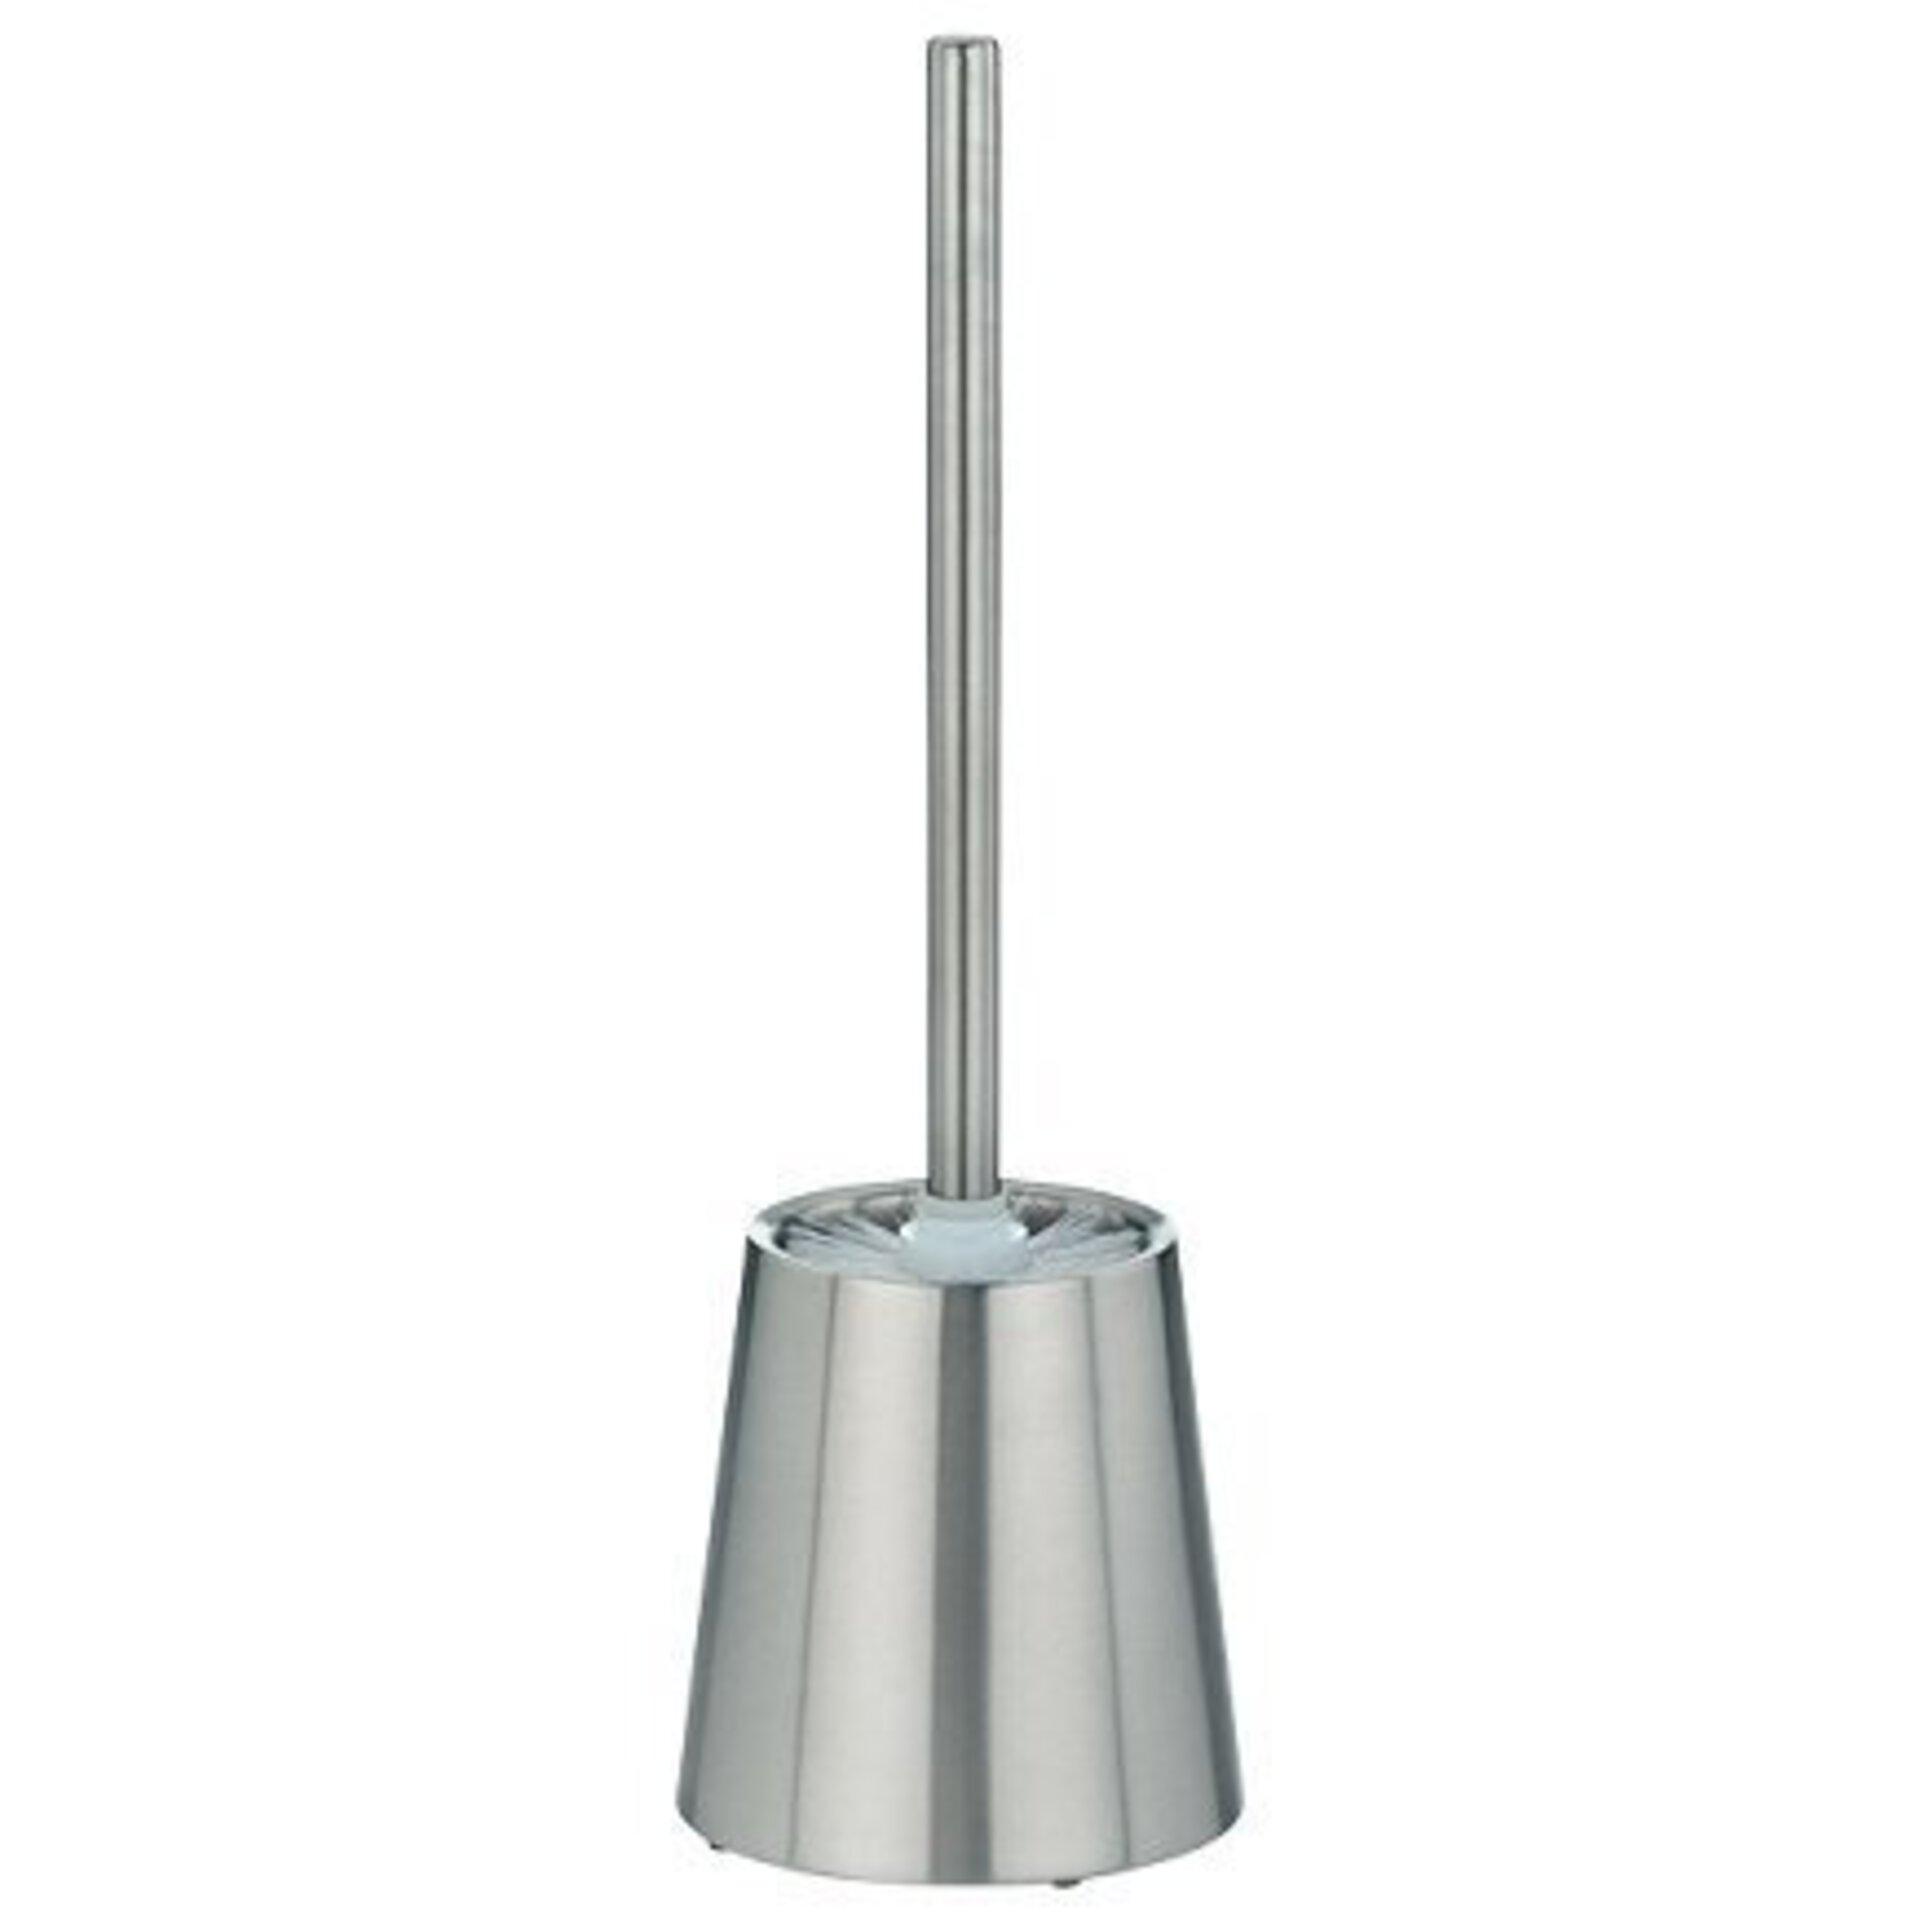 WC-Bürste Simply Kela Metall 39 x